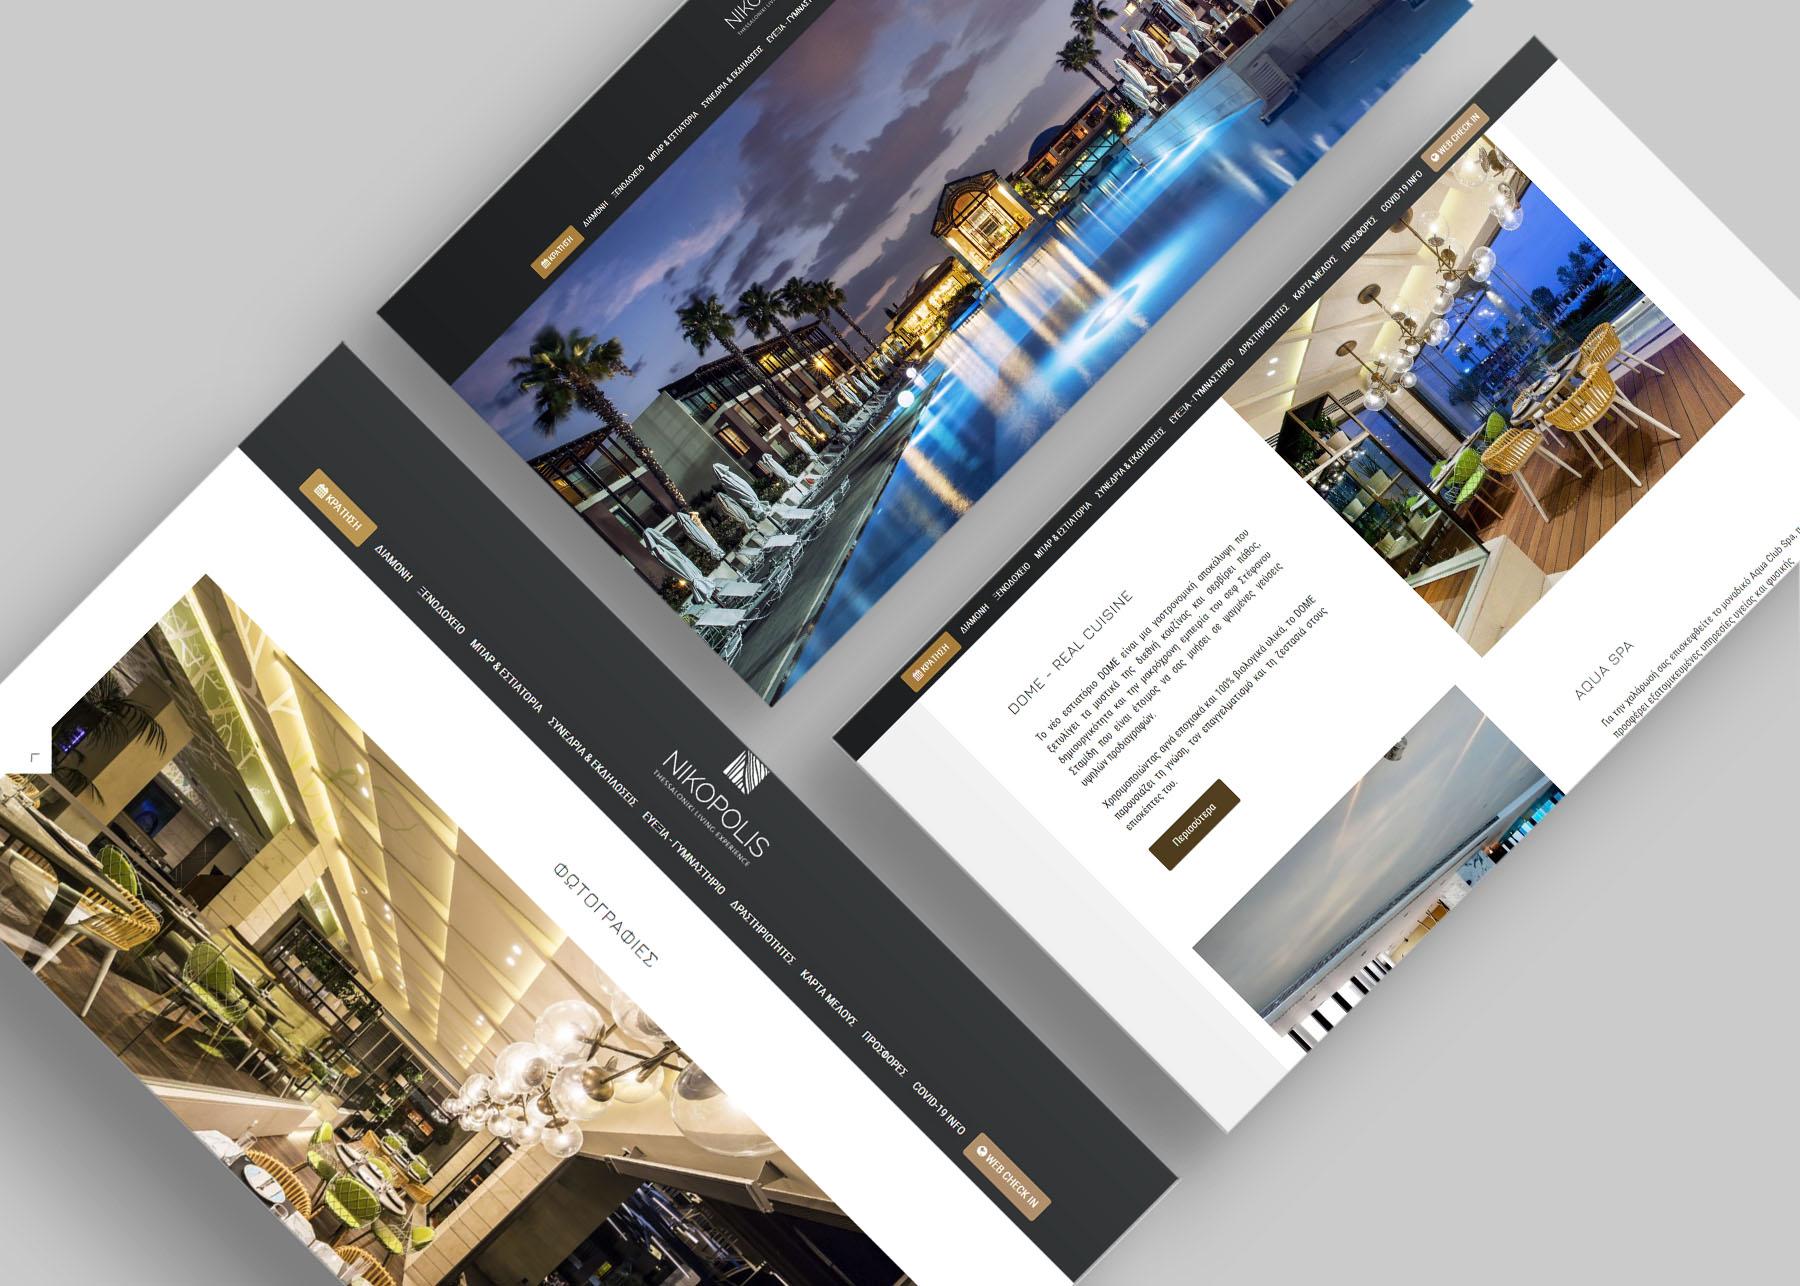 Κατασκευή ιστοσελίδας Nikopolis hotel